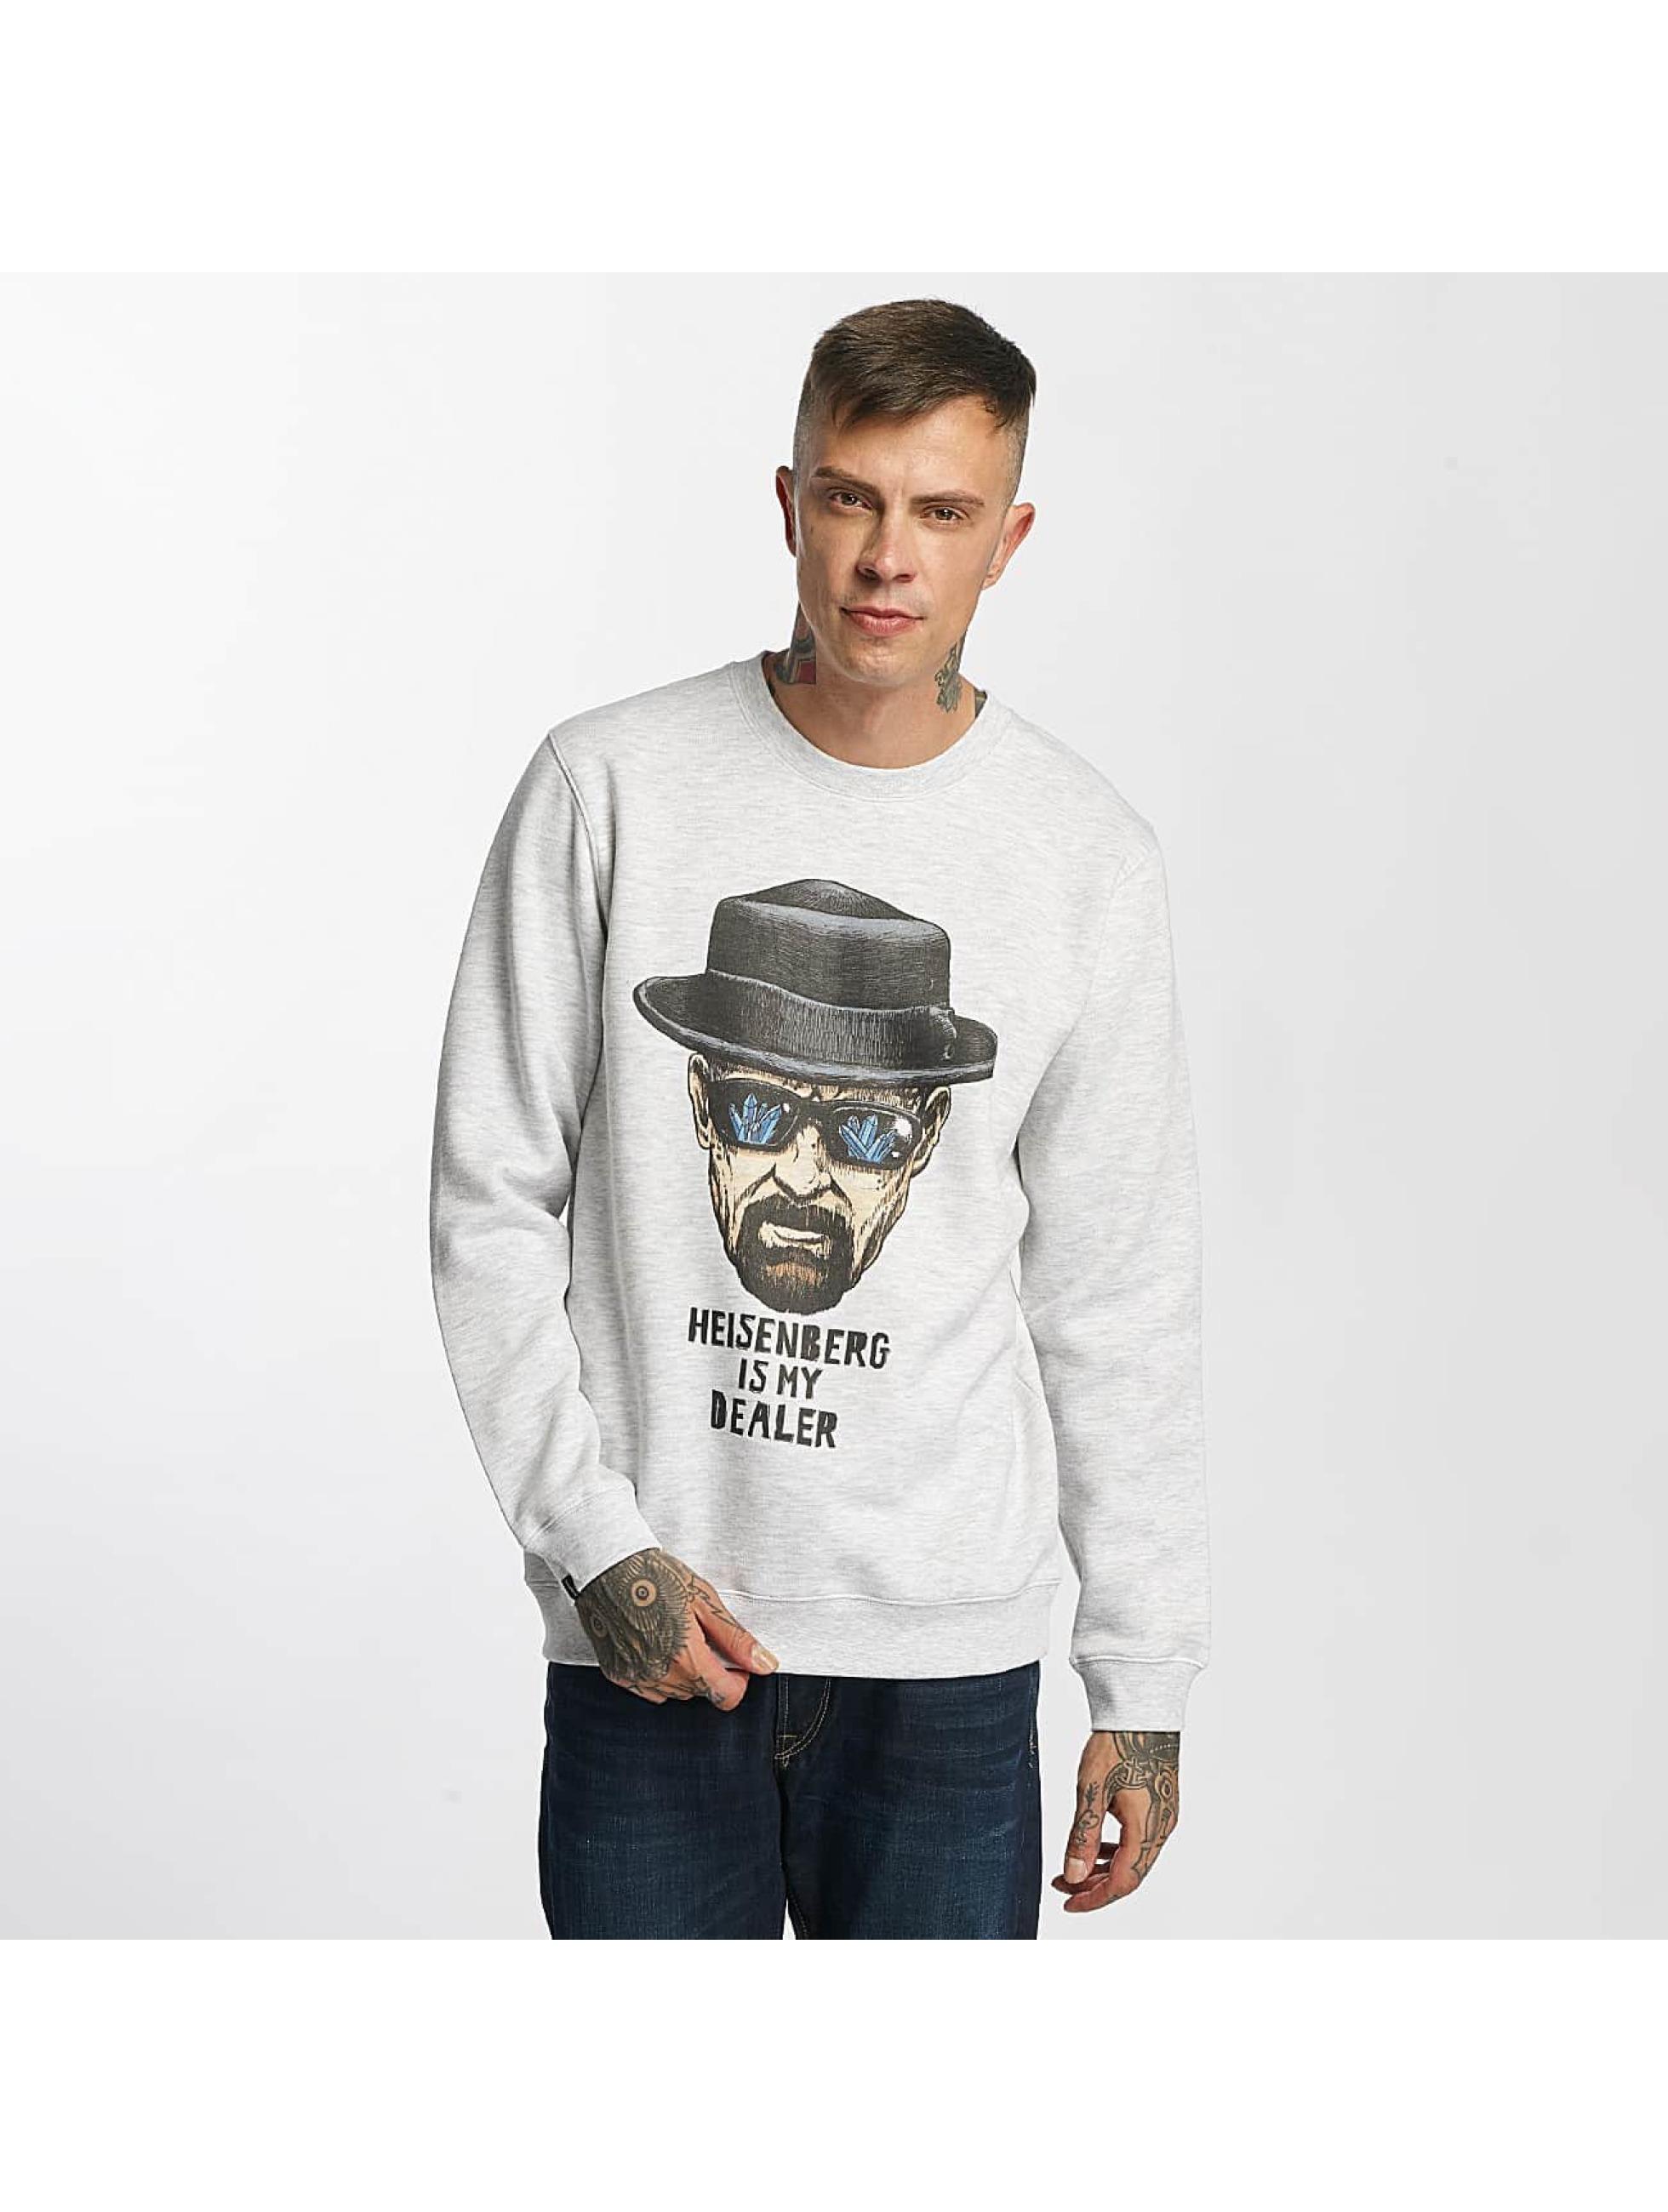 Tealer Swetry My Dealer szary